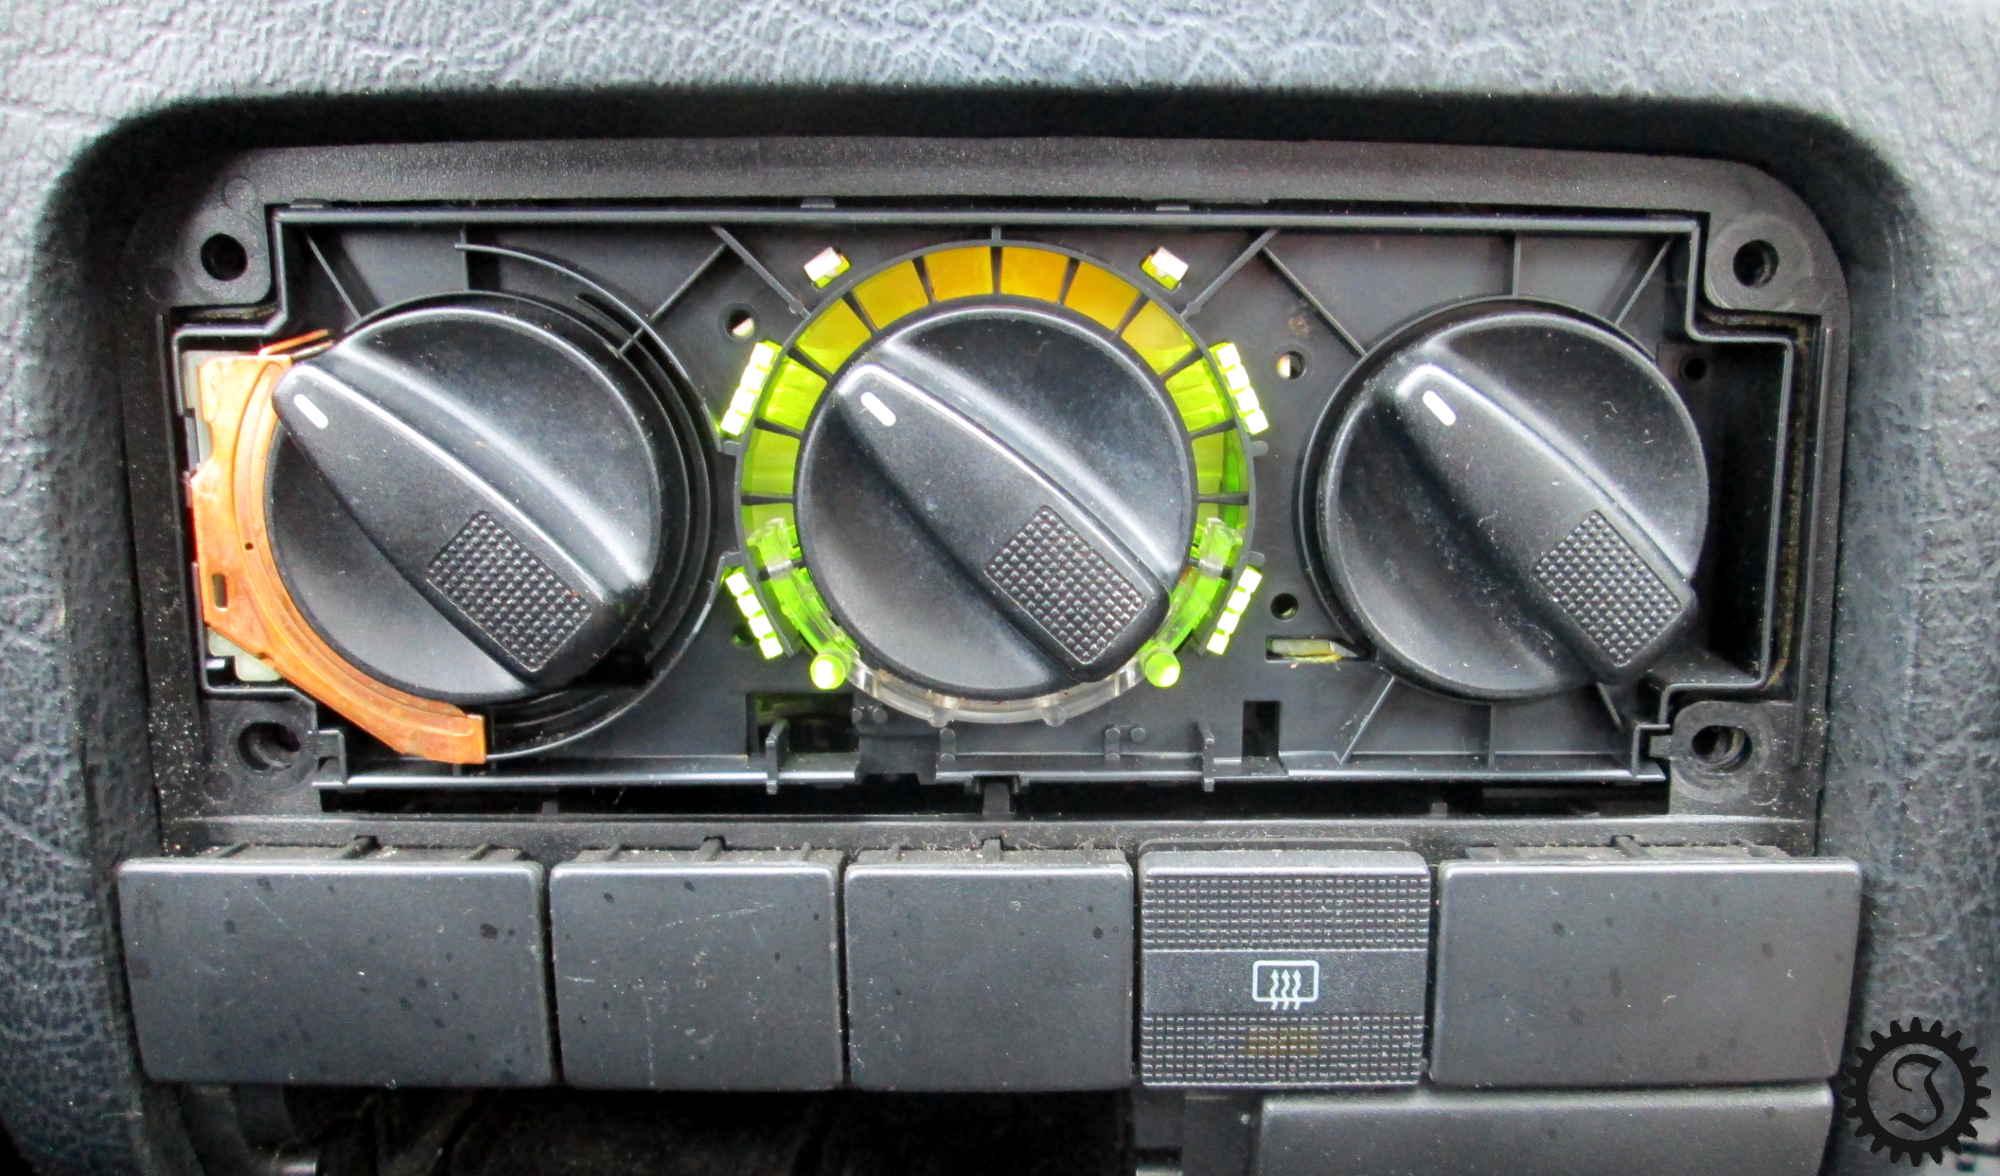 Häufig Heizungsreglerbeleuchtung - Golf III - Jones' Werkstatt SL24